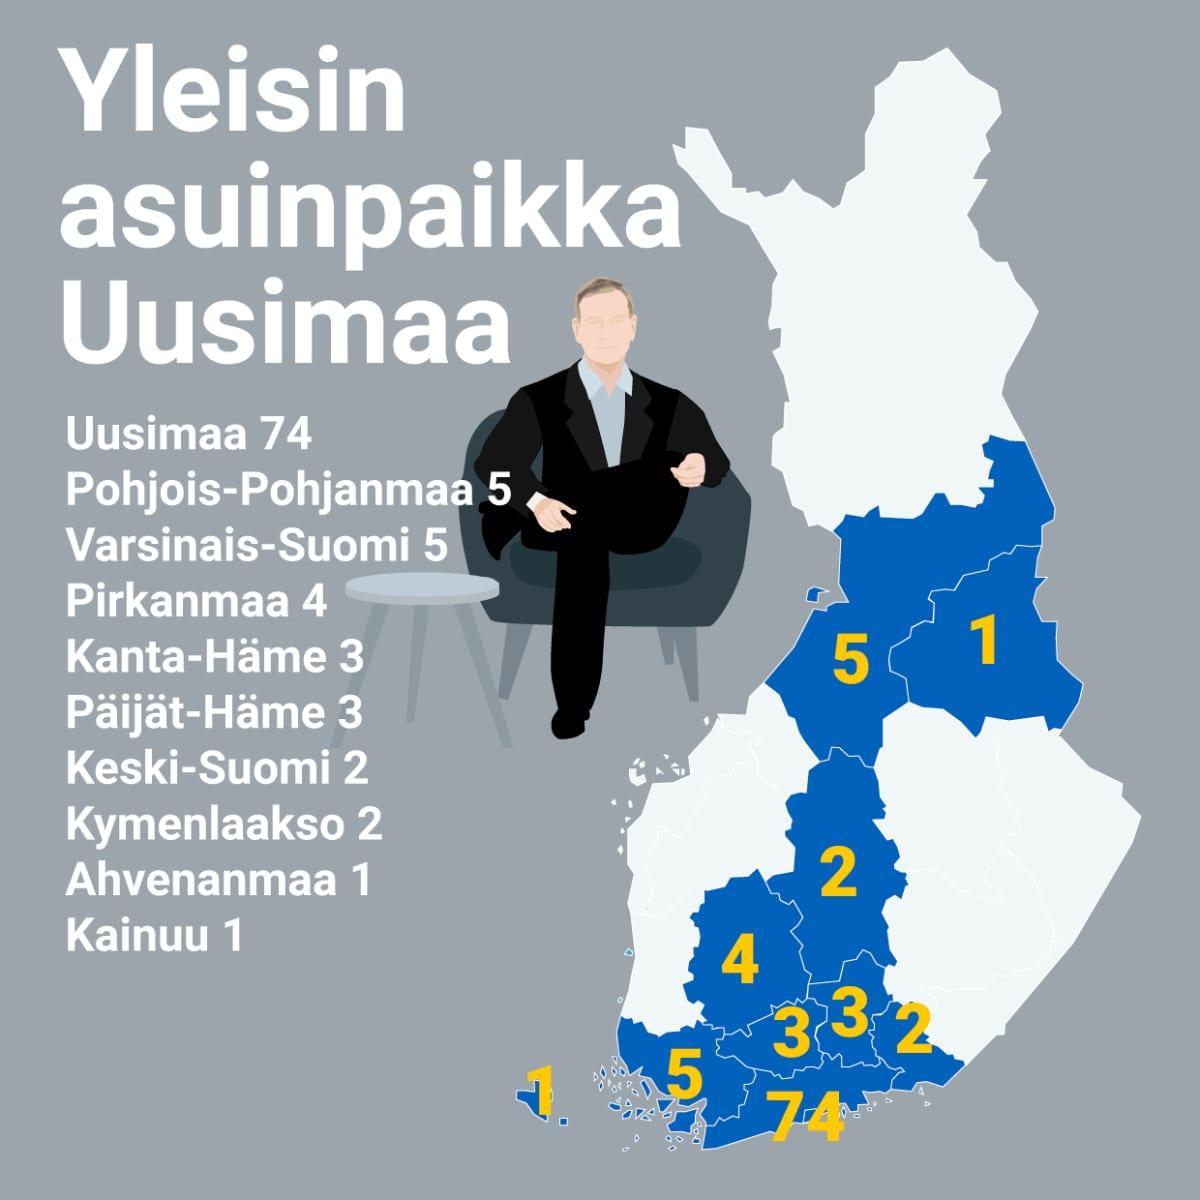 Yleisin asuinpaikka Uusimaa